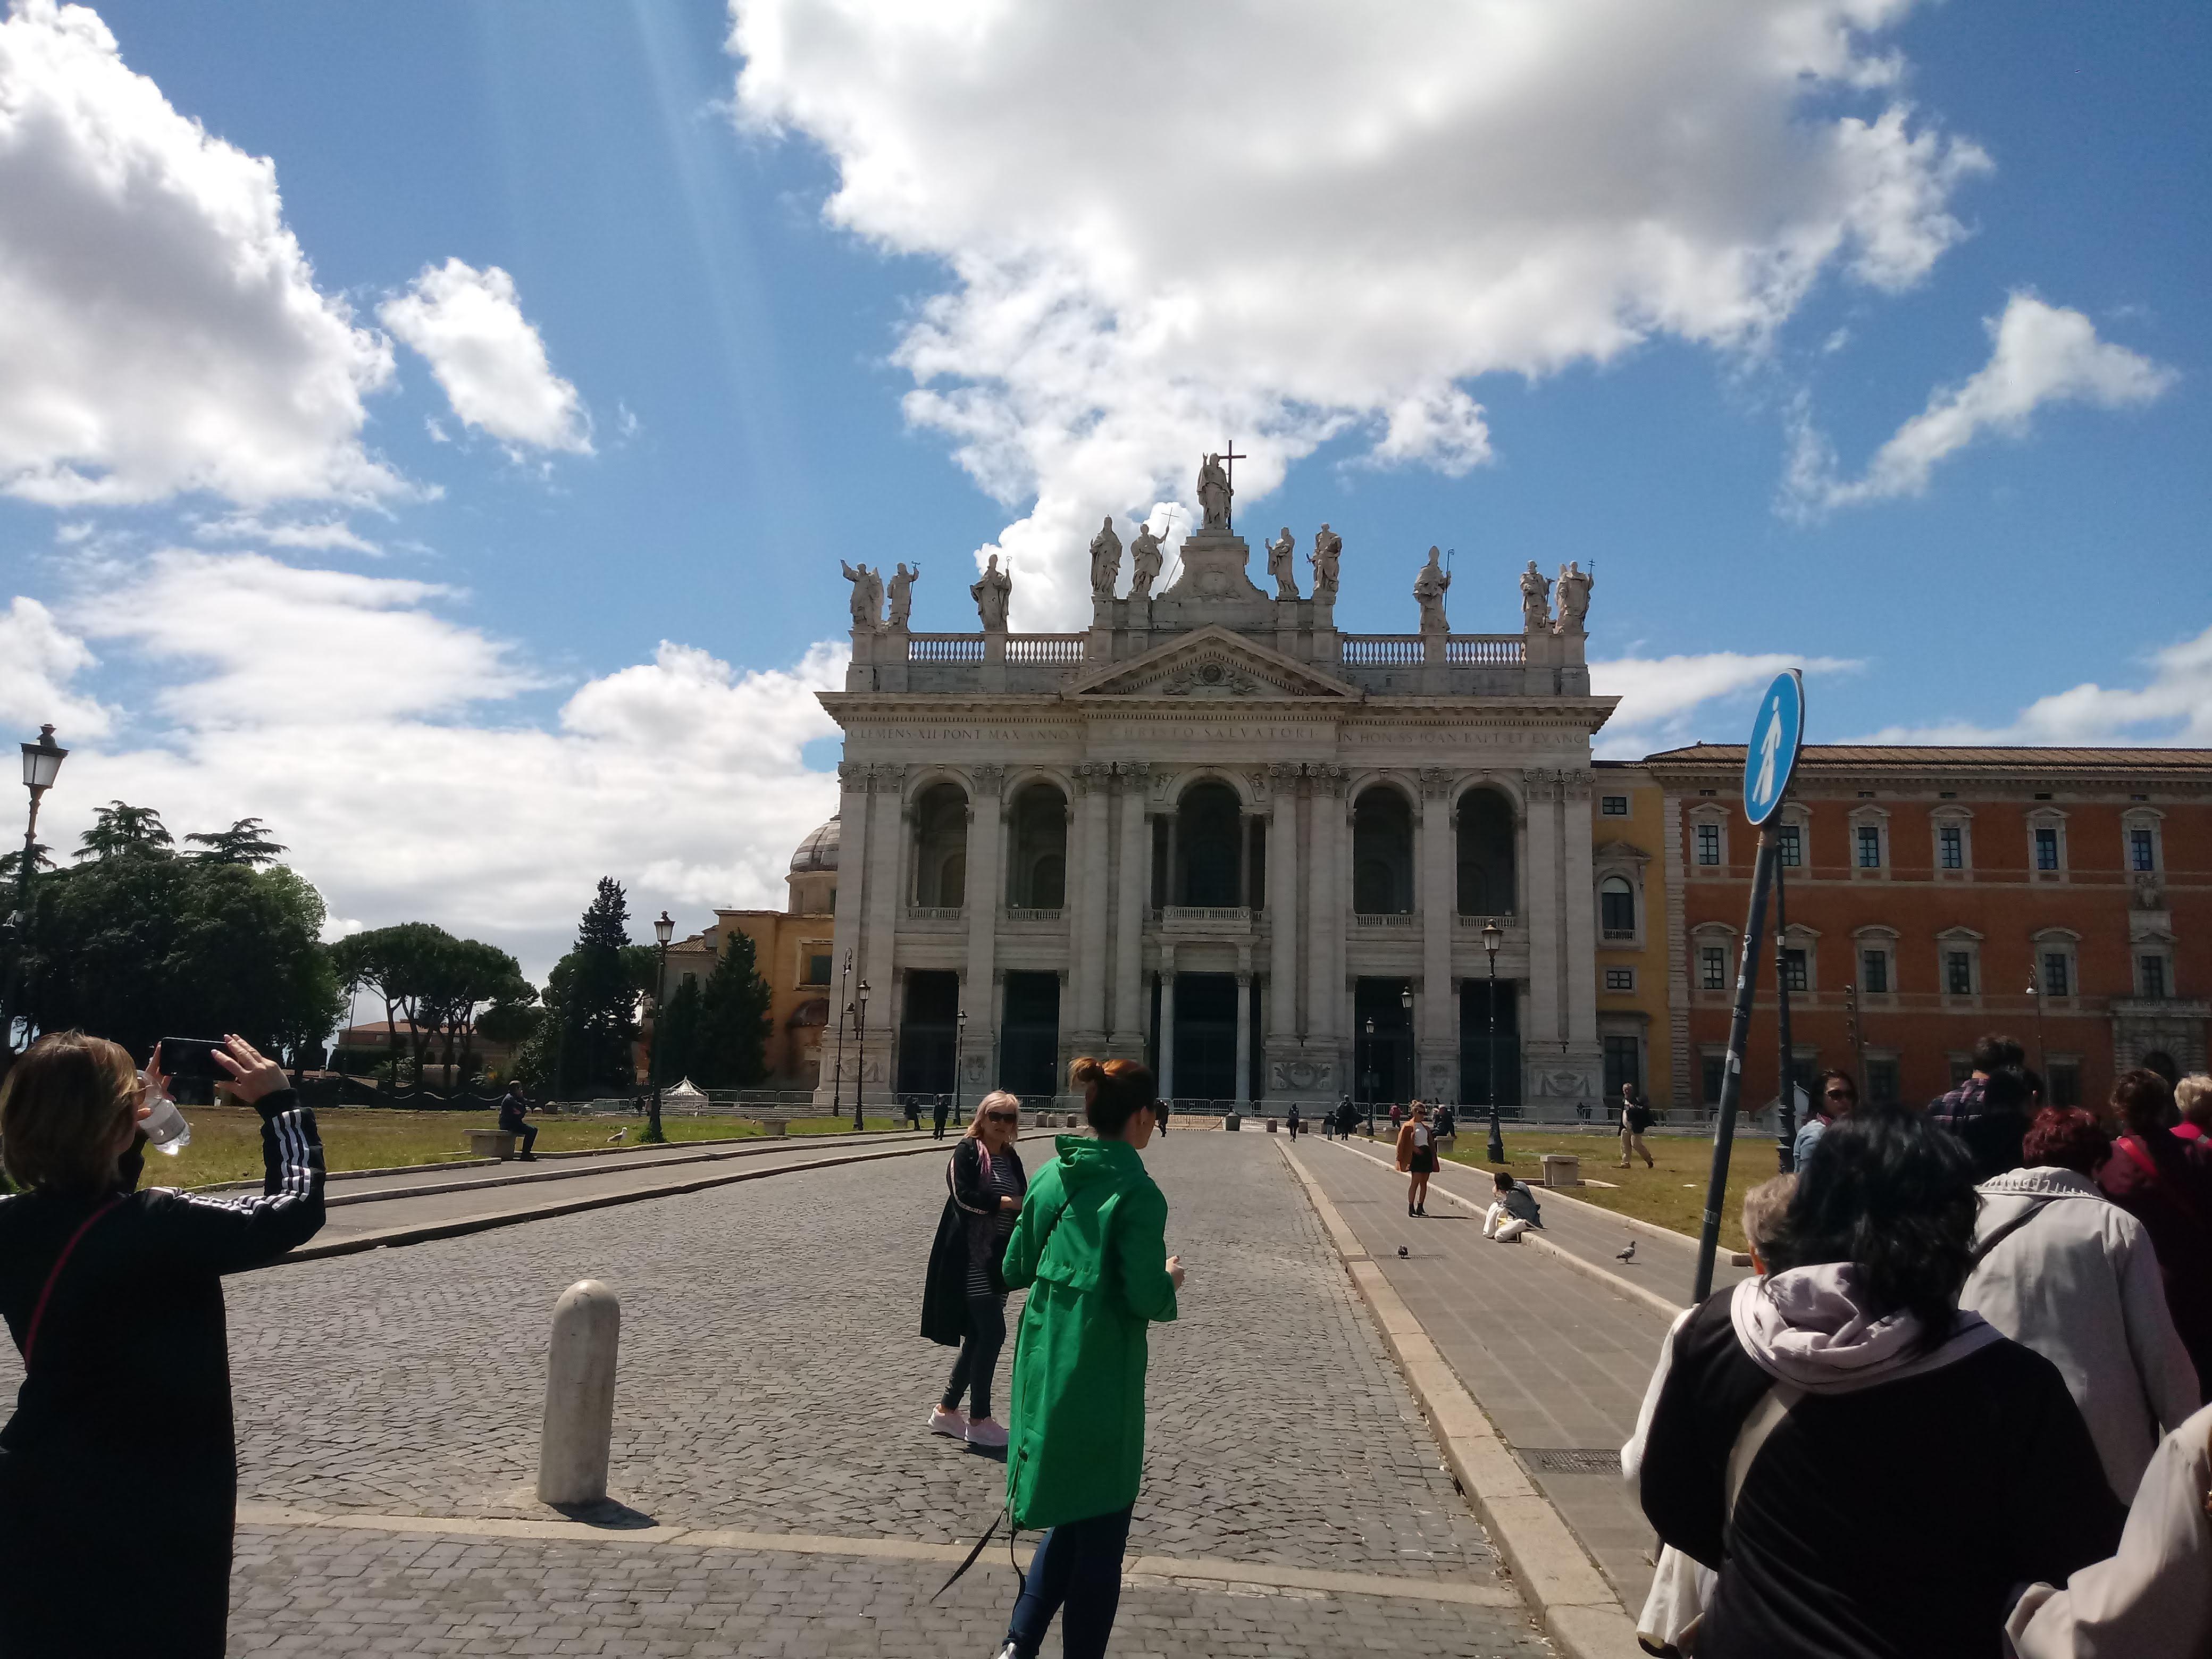 Lateránska bazilika v Ríme, Matka a hlava všetkých kostolov mesta a sveta, pred ktorou kráčajú naši pútnici.